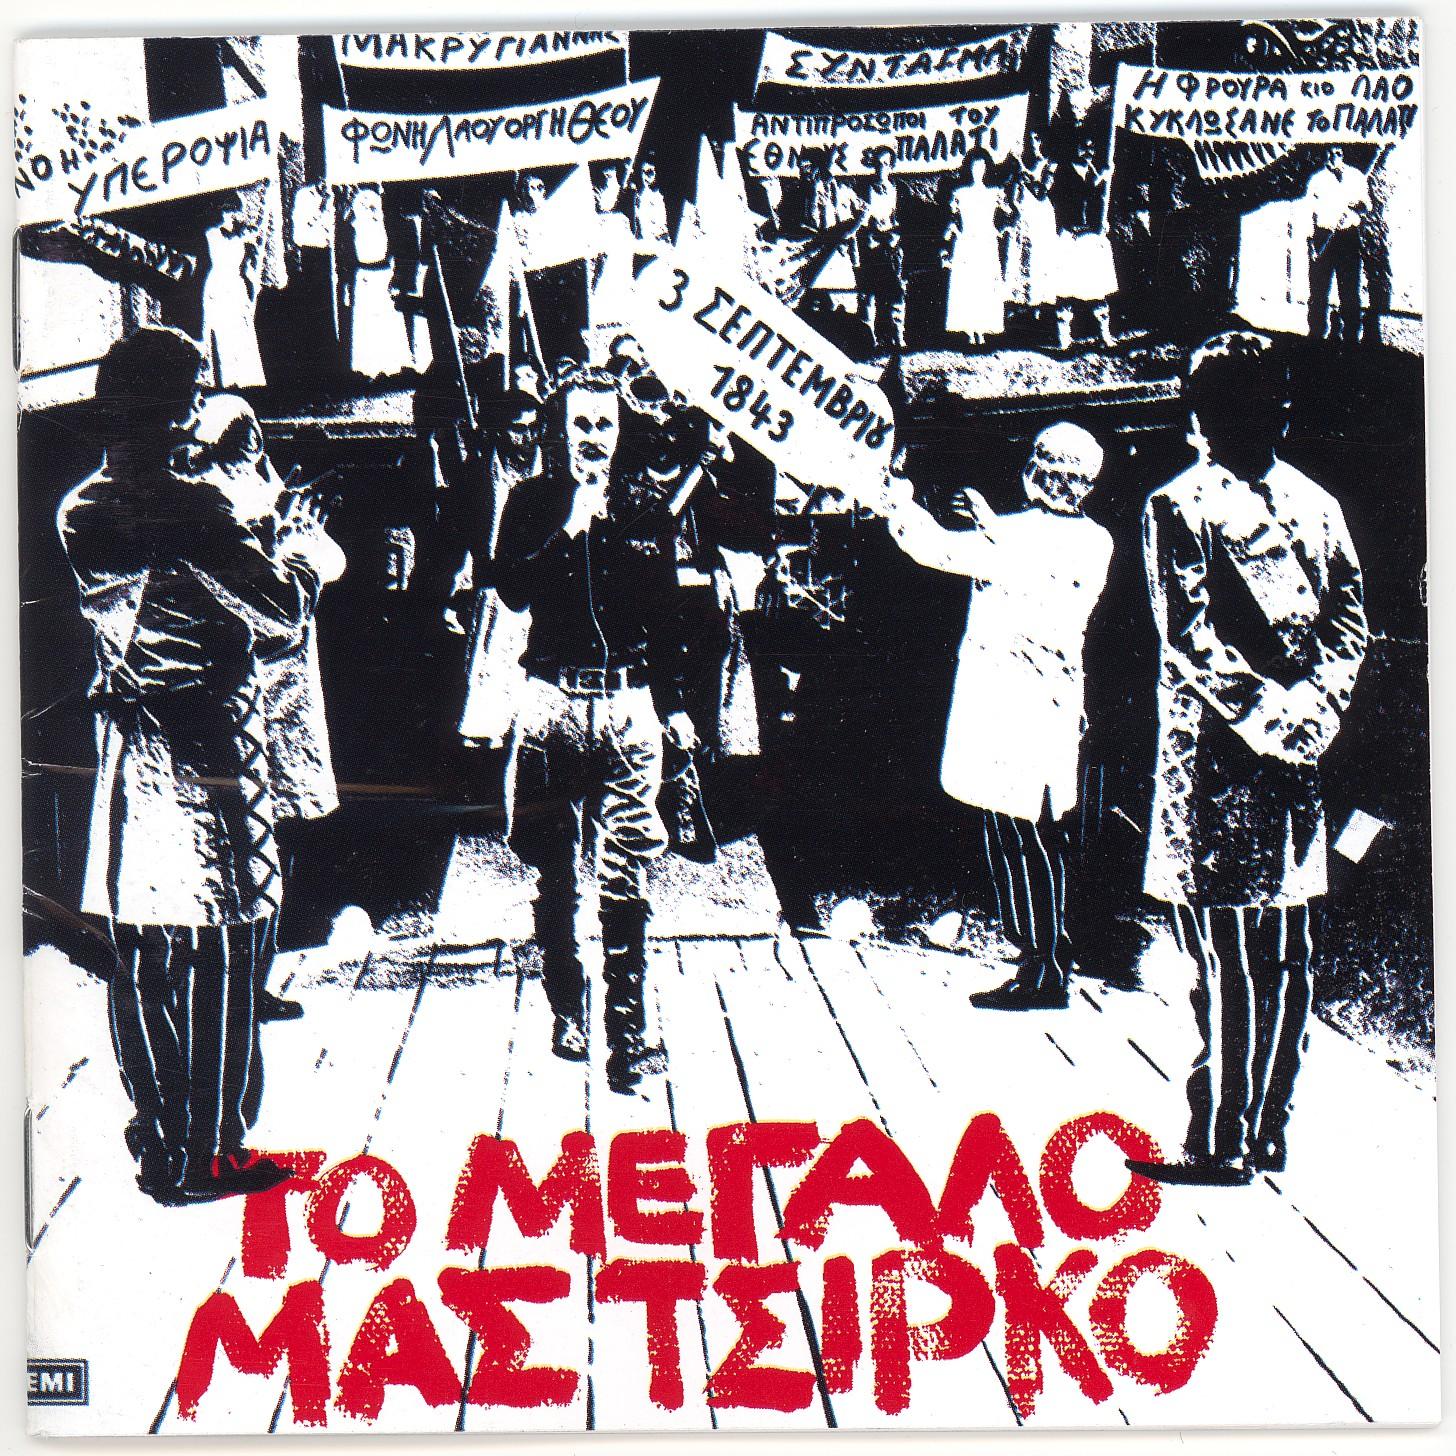 79378 to megalo mas tsirko